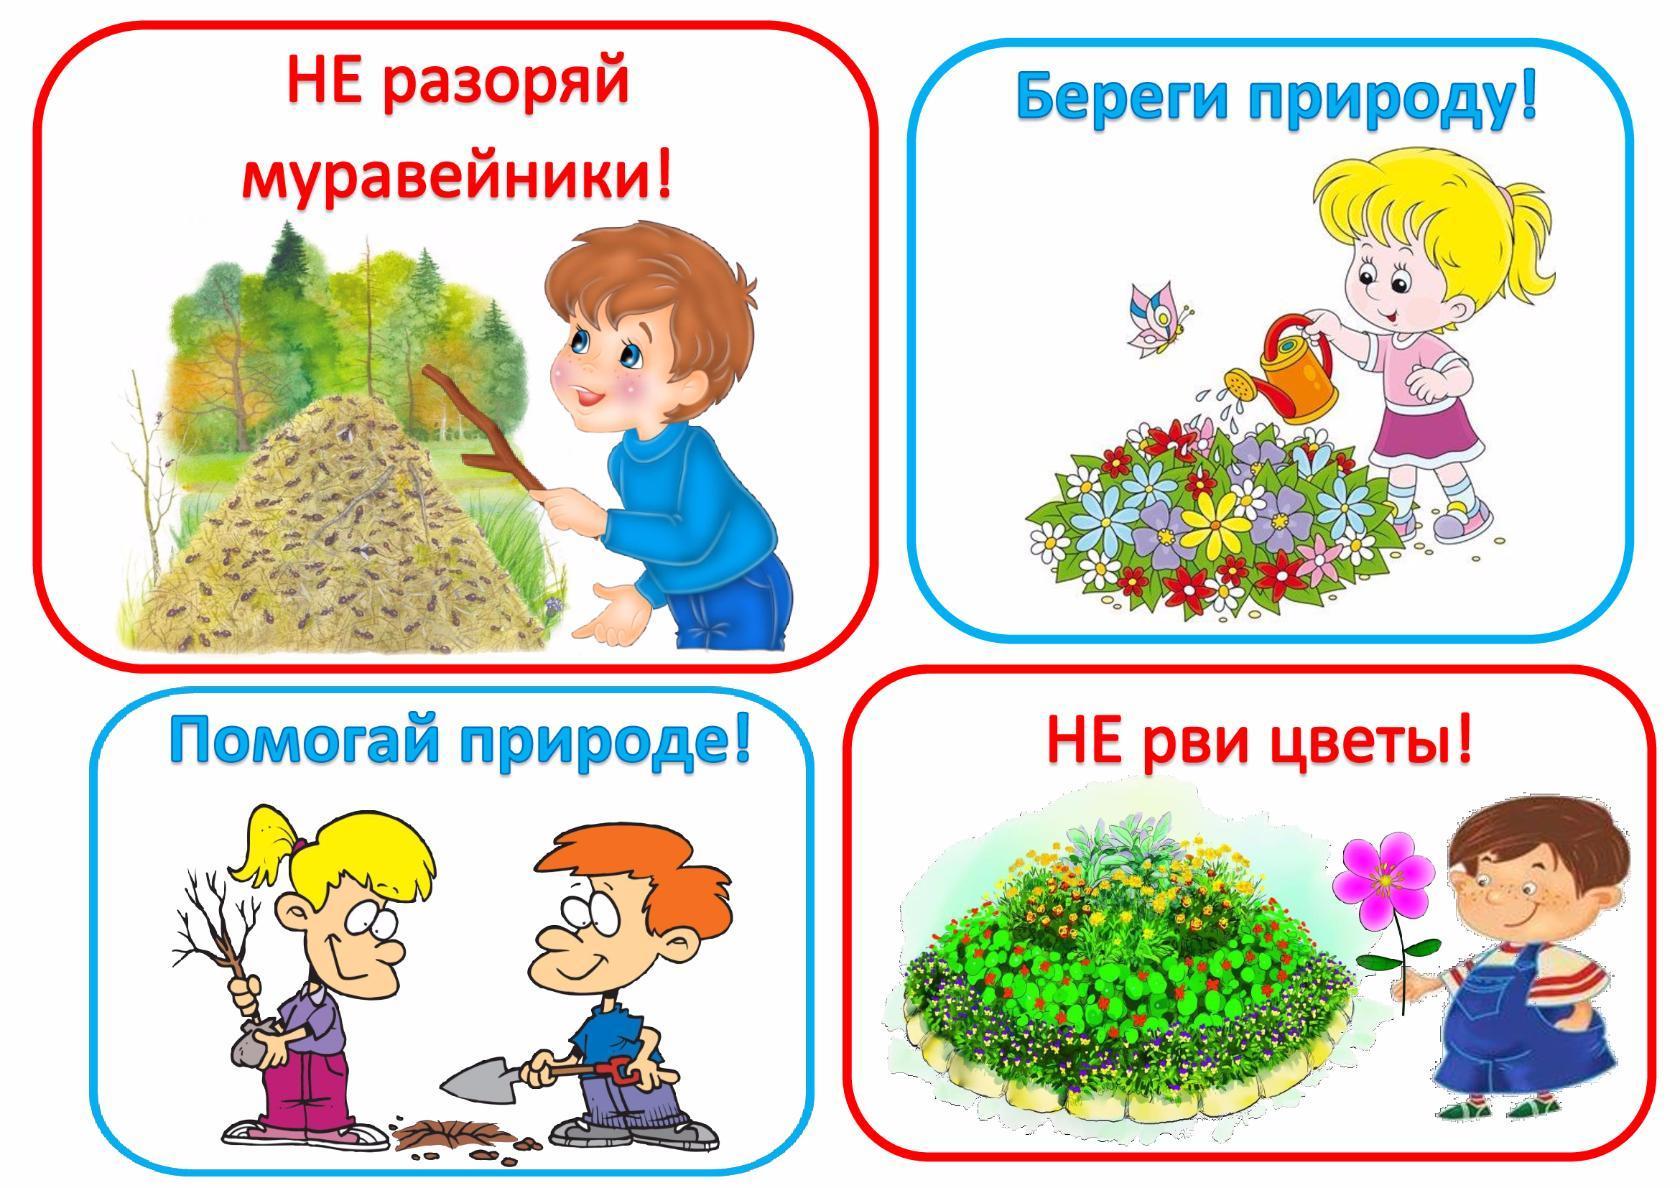 Праздником всех, береги природу картинки для детей в садик